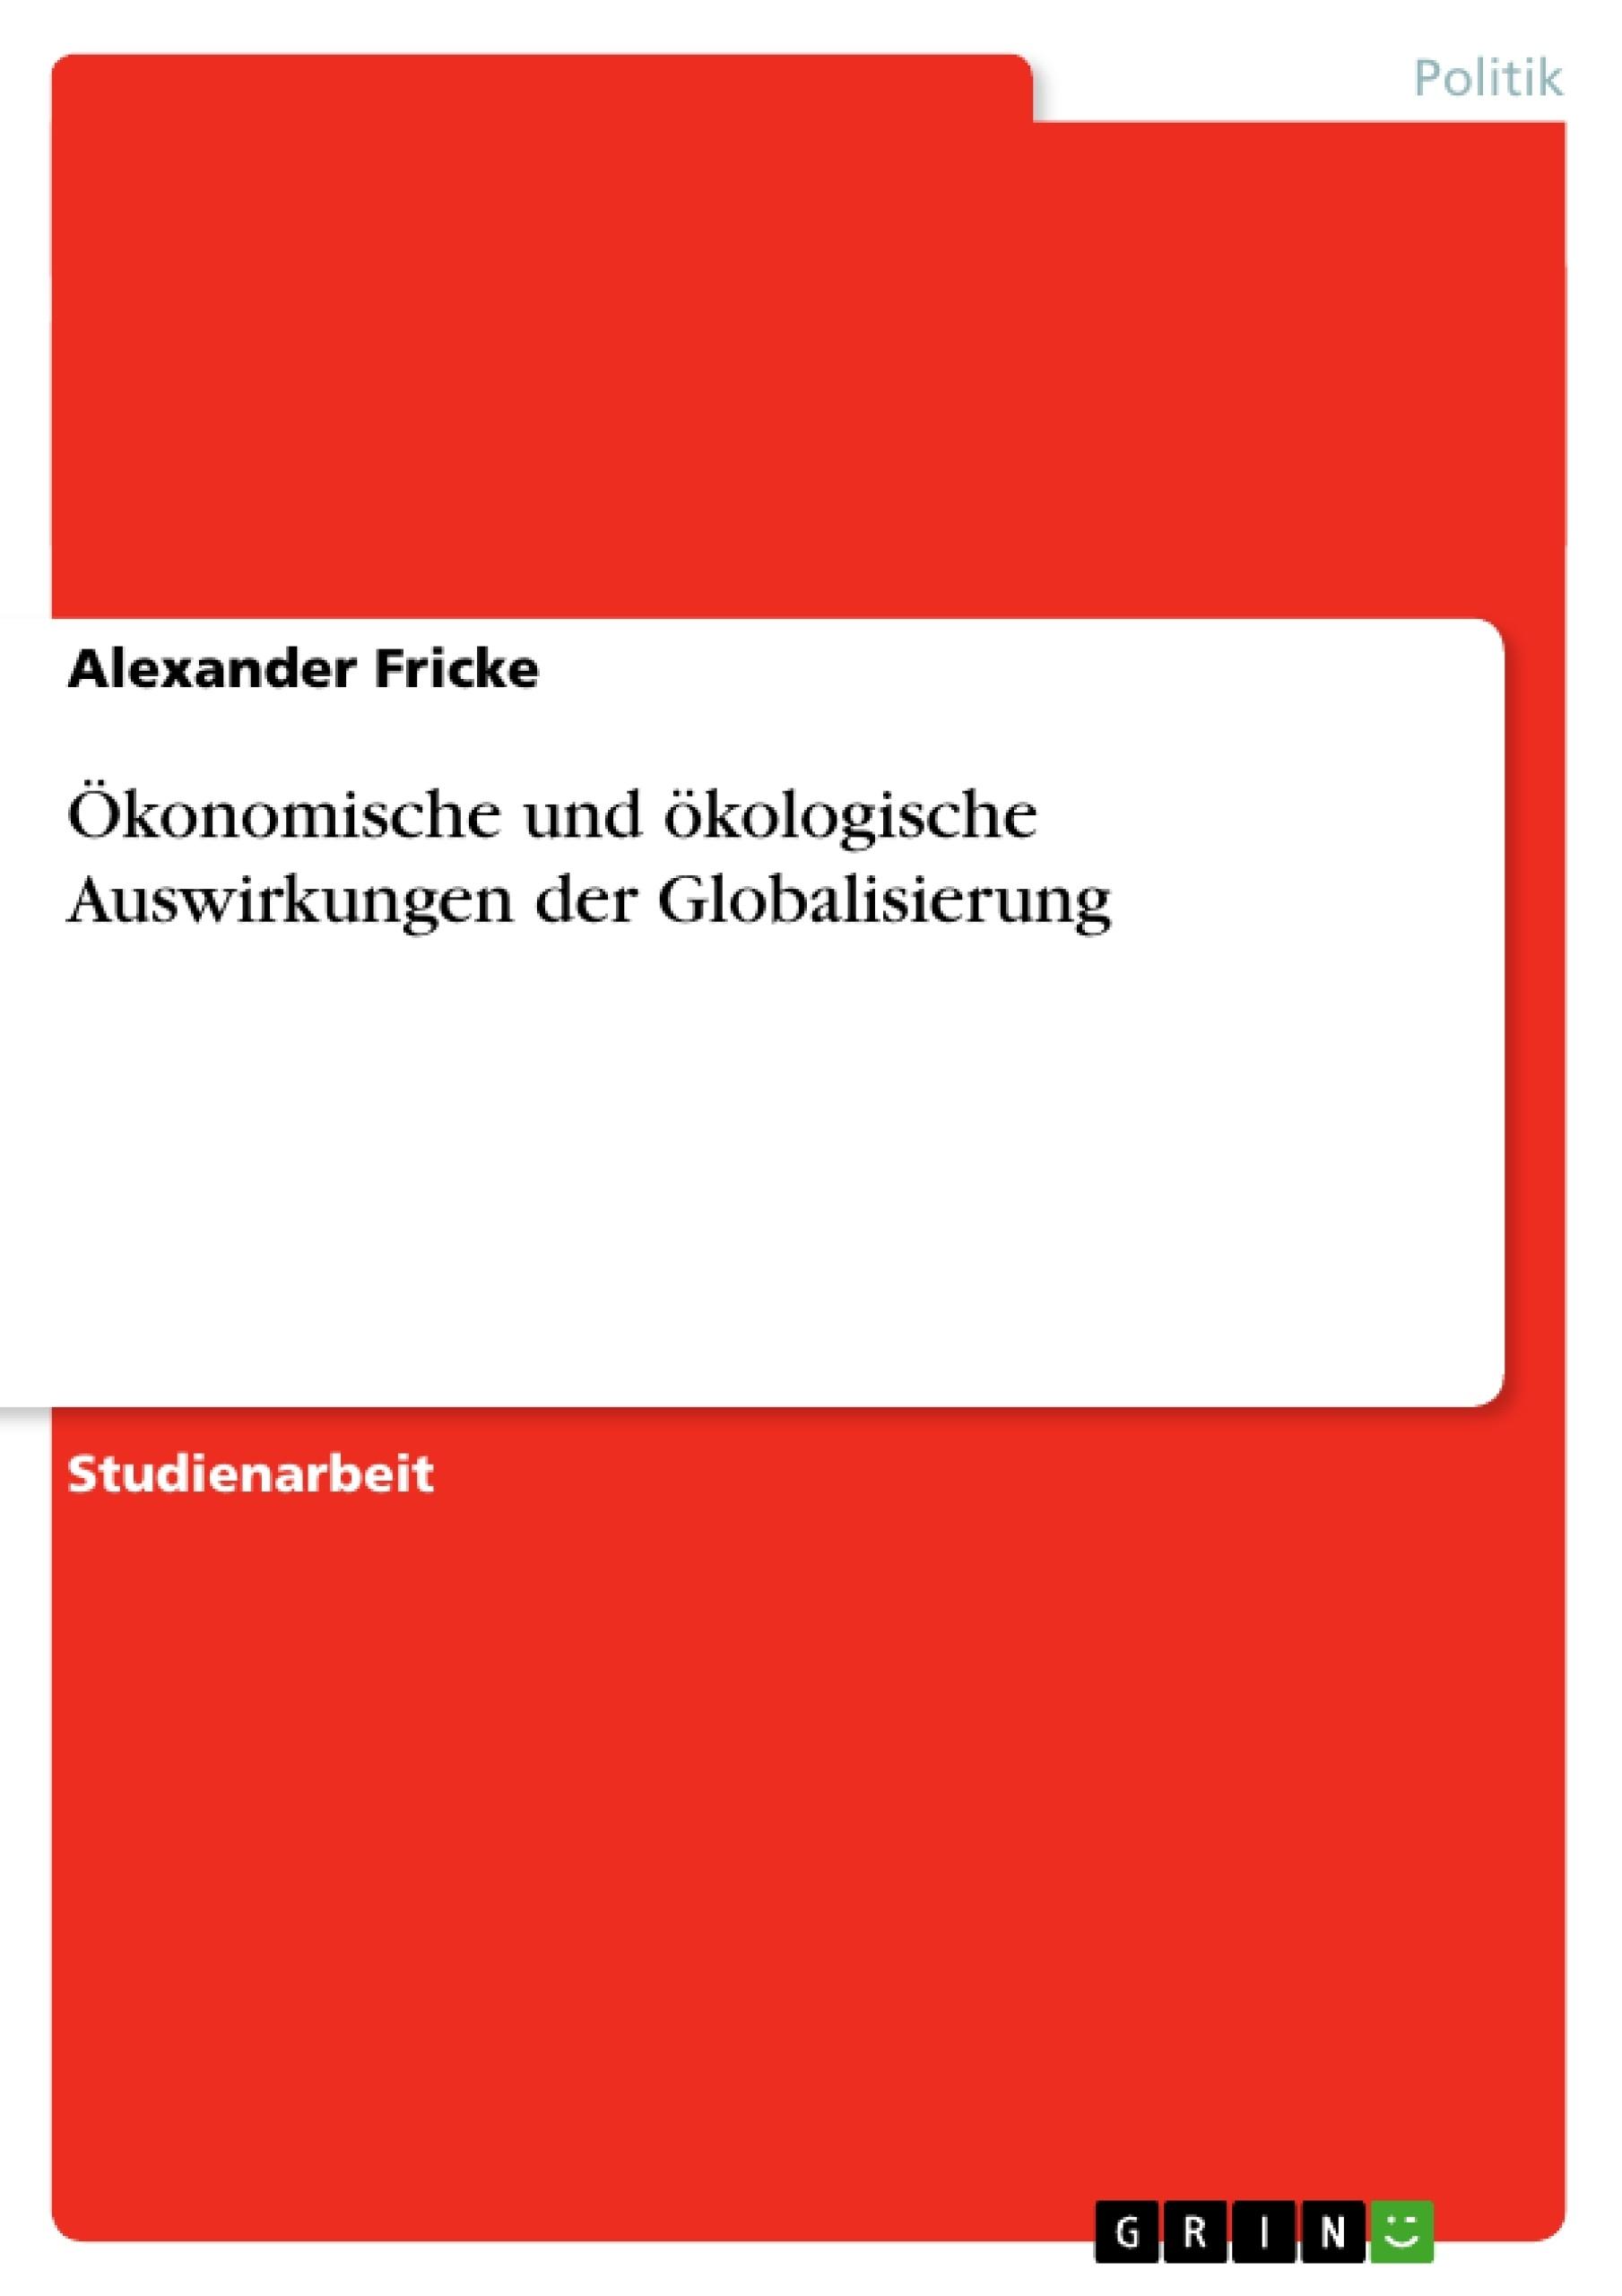 Titel: Ökonomische und ökologische Auswirkungen der Globalisierung